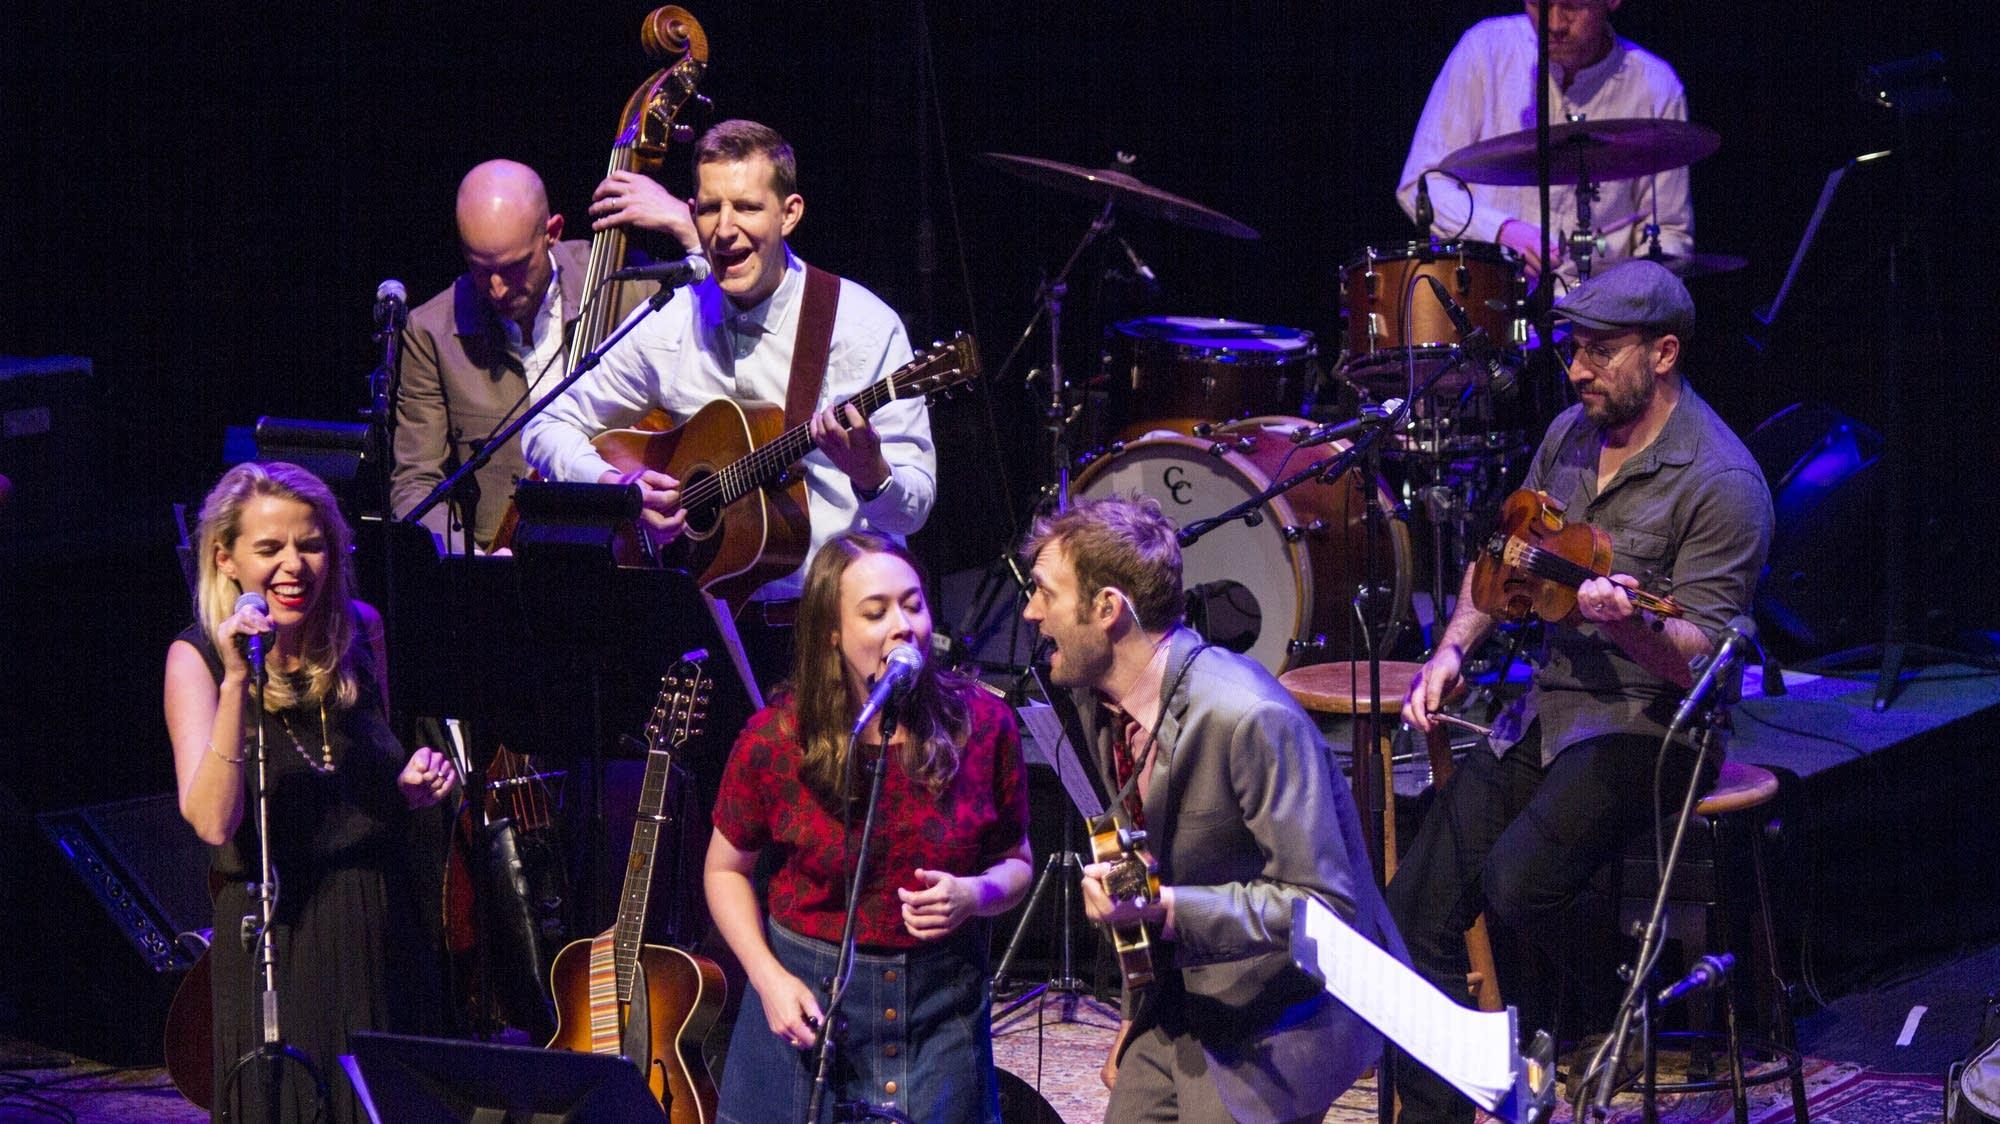 Sarah Jarosz with Aoife O'Donovan, Chris and band